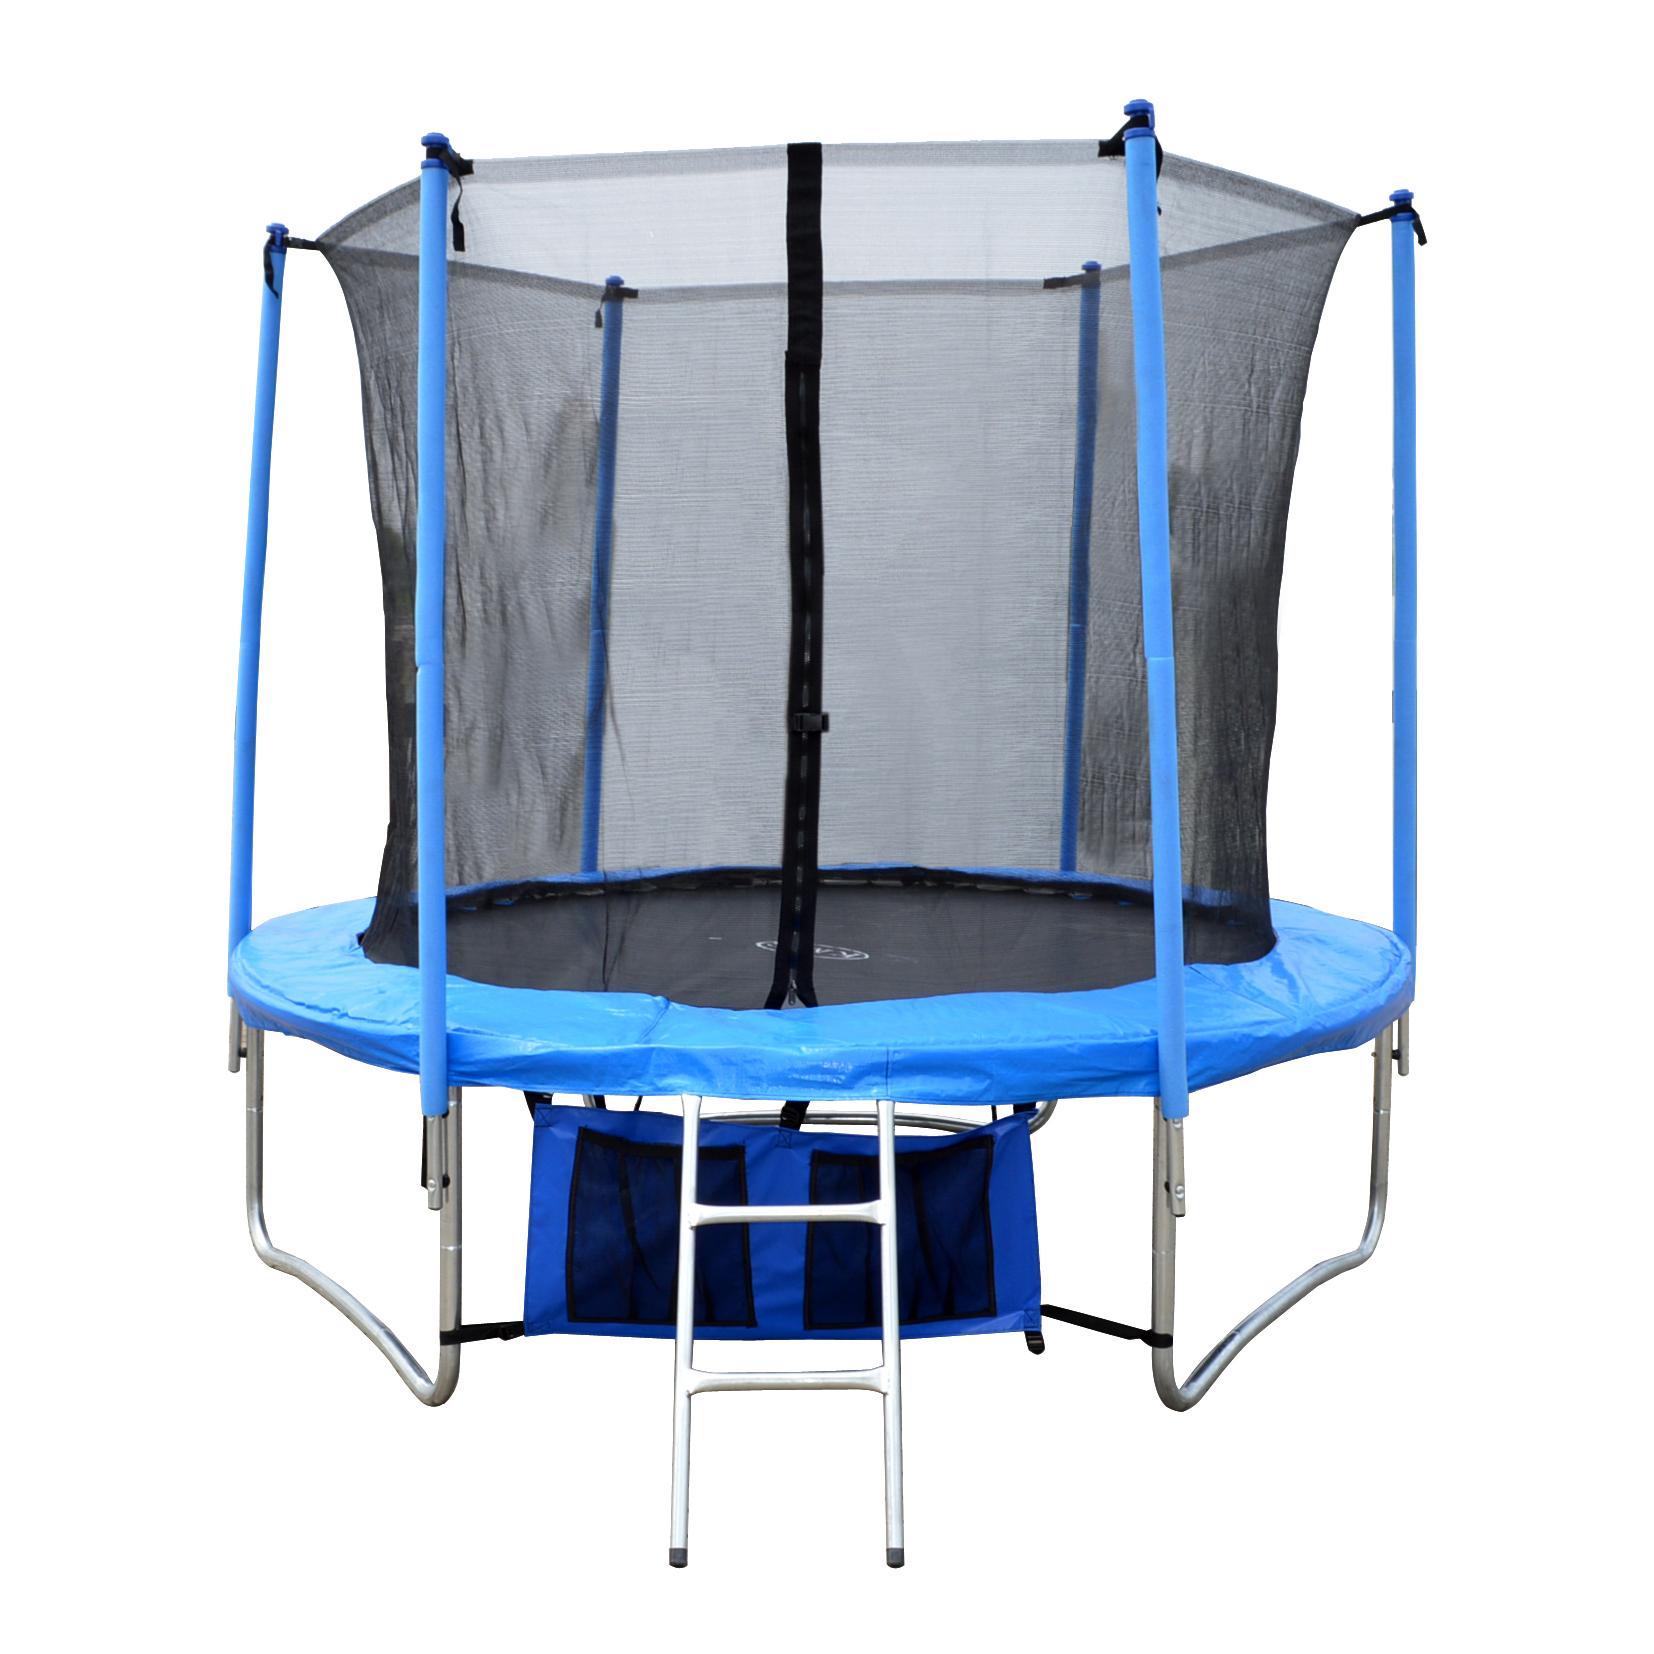 4.5FT 8FT 10FT 12FT 14FT 16FT Trampoline With Ladder Rain